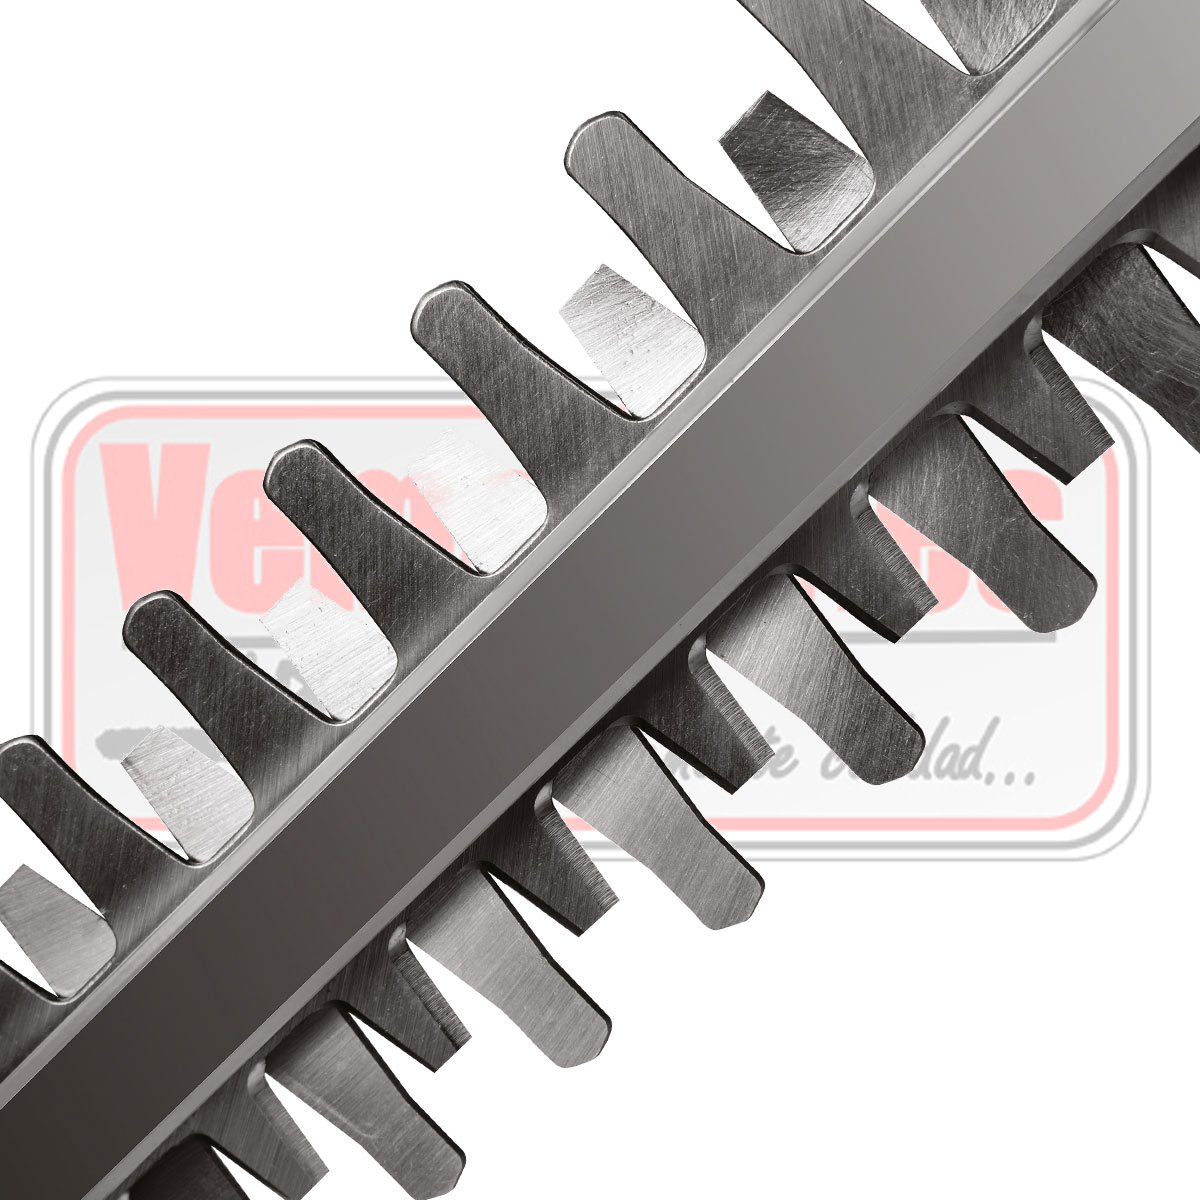 cortasetos de bateria Oleo Mac hci 45 cuchillas